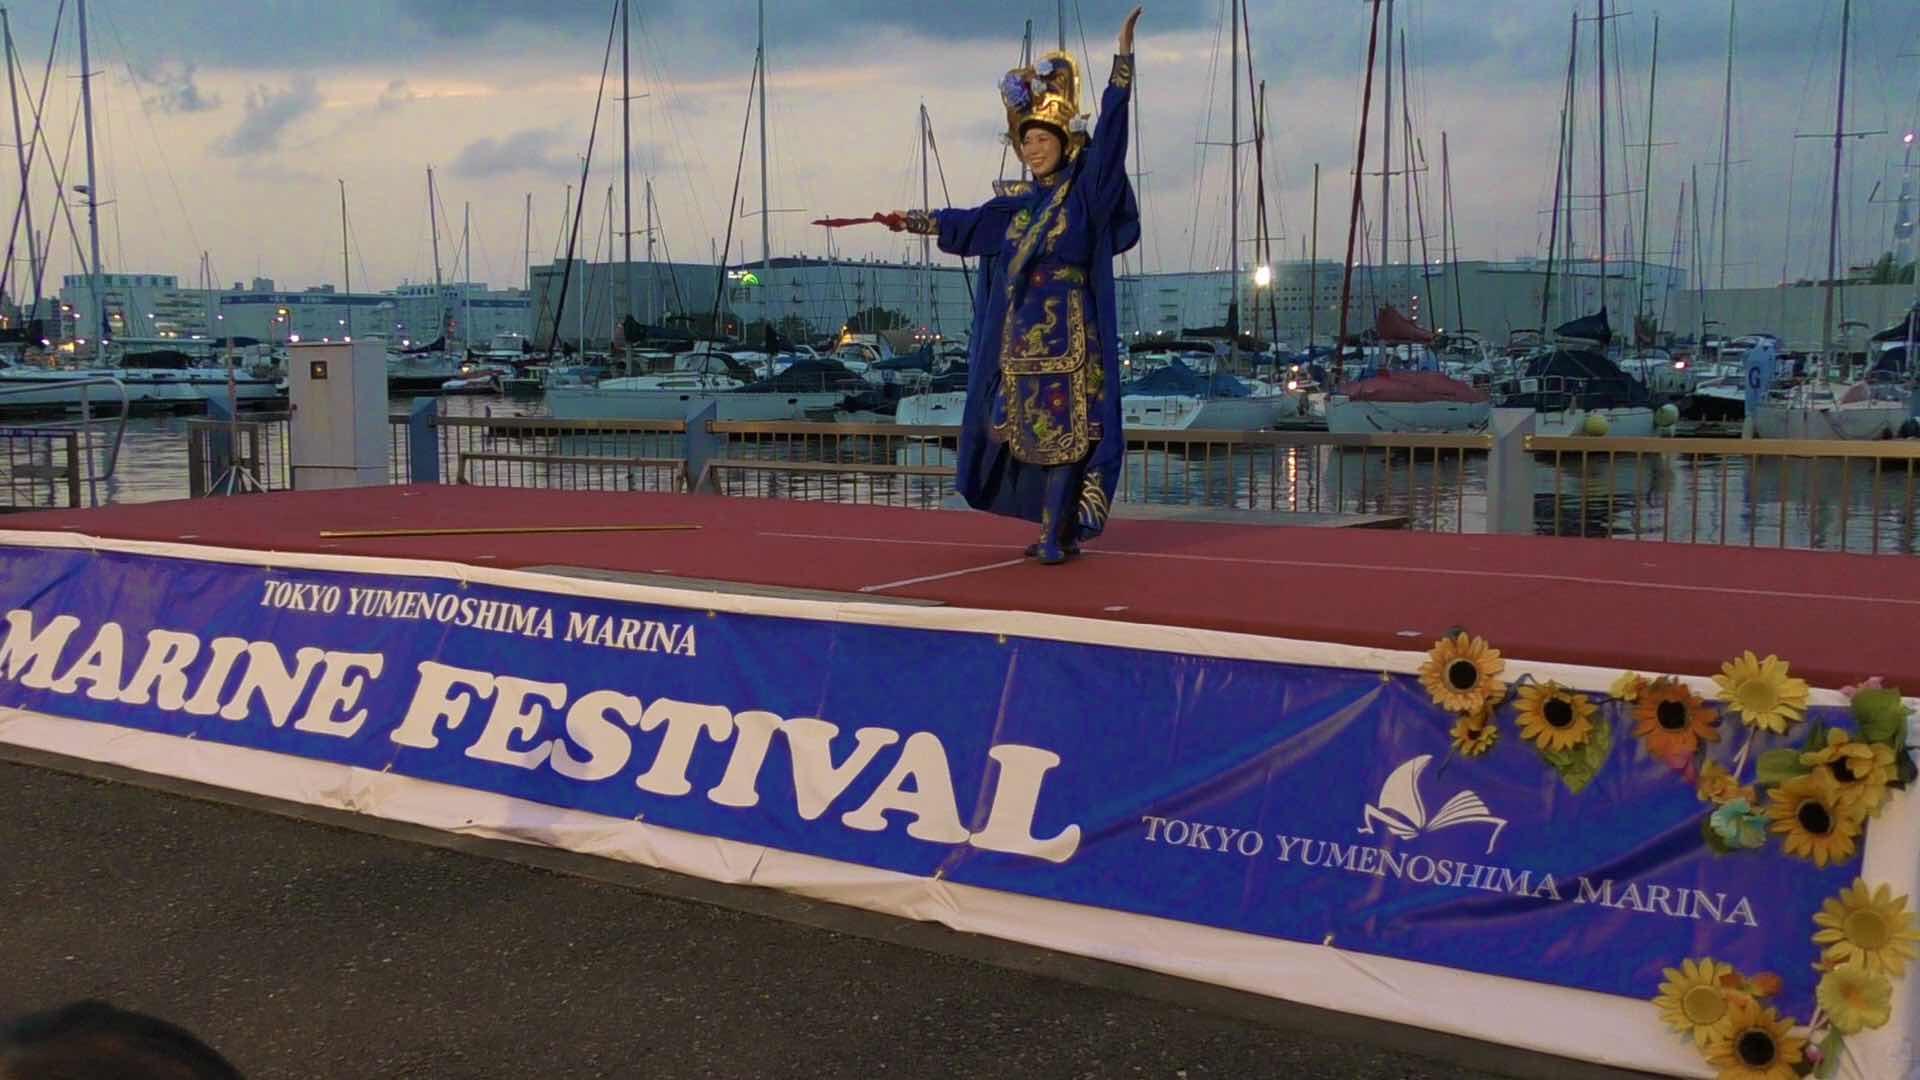 夢の島マリンフェスティバルで変面|美人マジシャン!? 女性マジシャン アリス(有栖川 萌)ブログ|マジックショー,イリュージョン,手妻(和妻,和風手品)の全国出張出演承ります♪